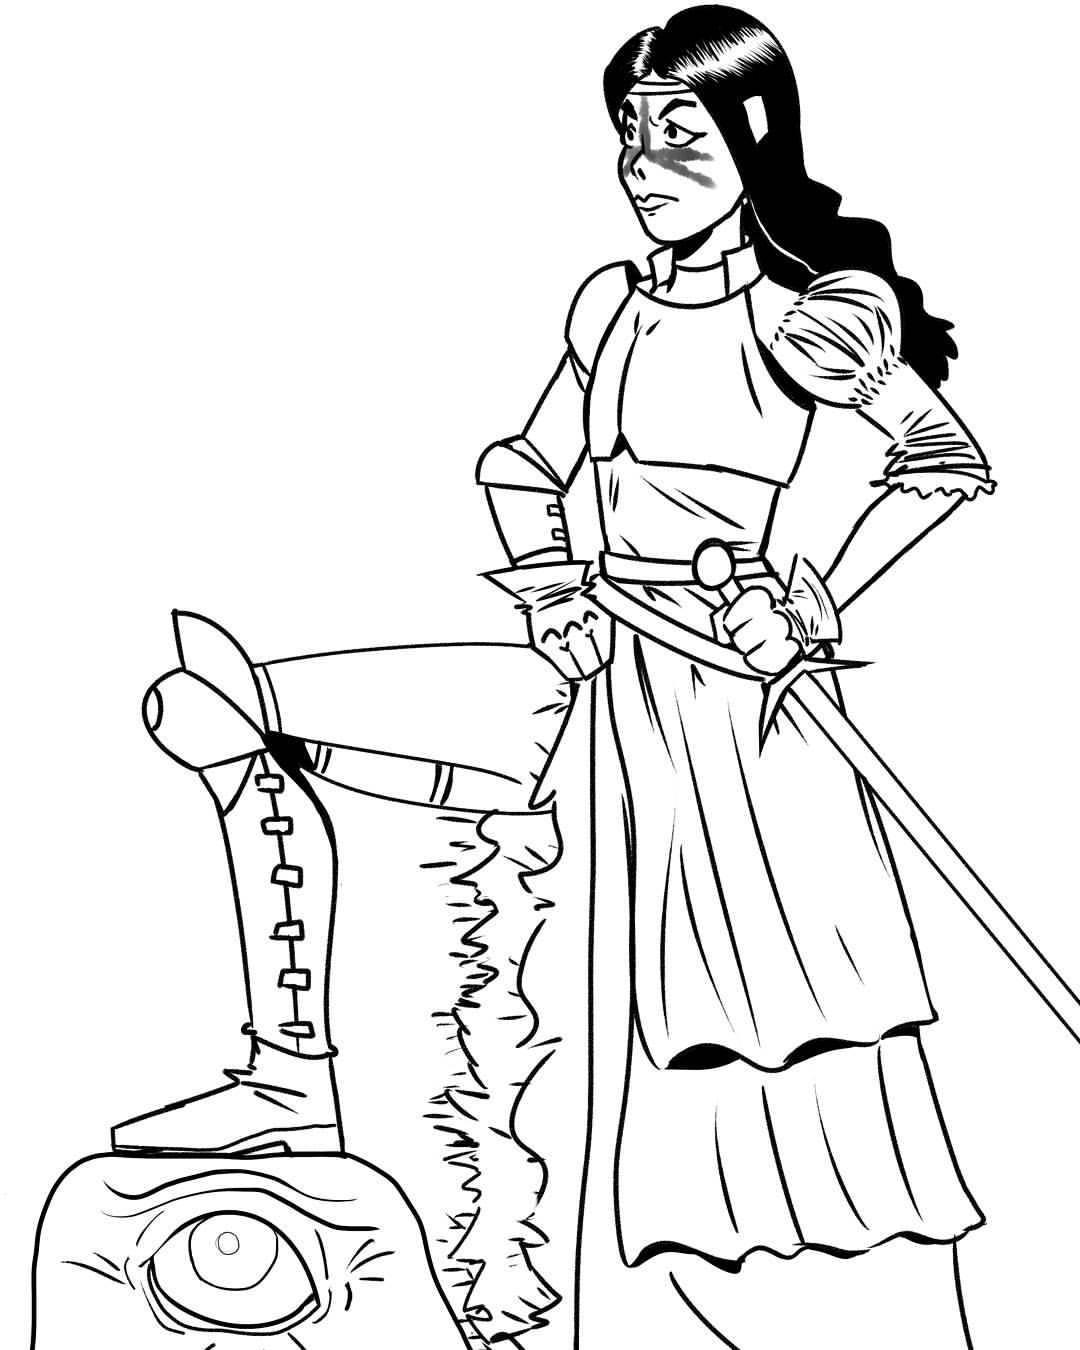 Drawn warrior cyclop # #comics ½ Line art